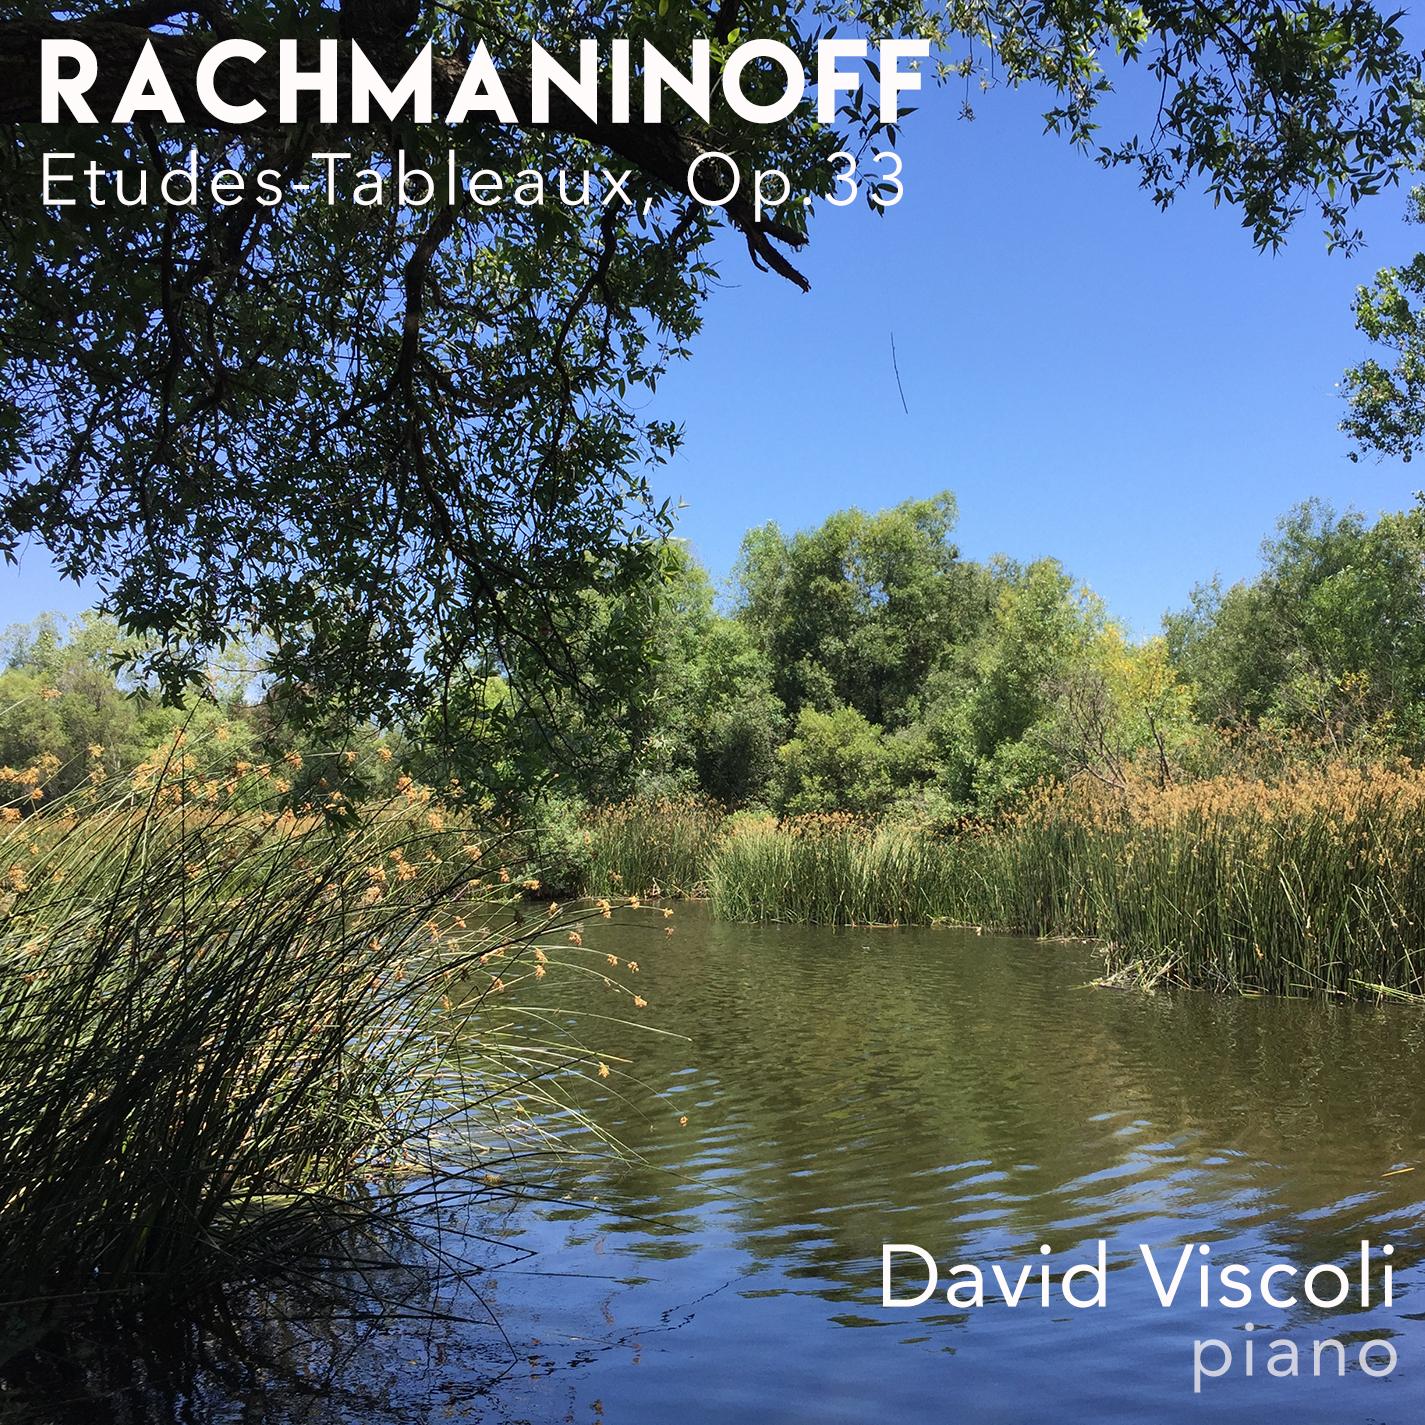 Rachmaninoff Etudes-Tableaux, Op. 33, David Viscoli, Piano